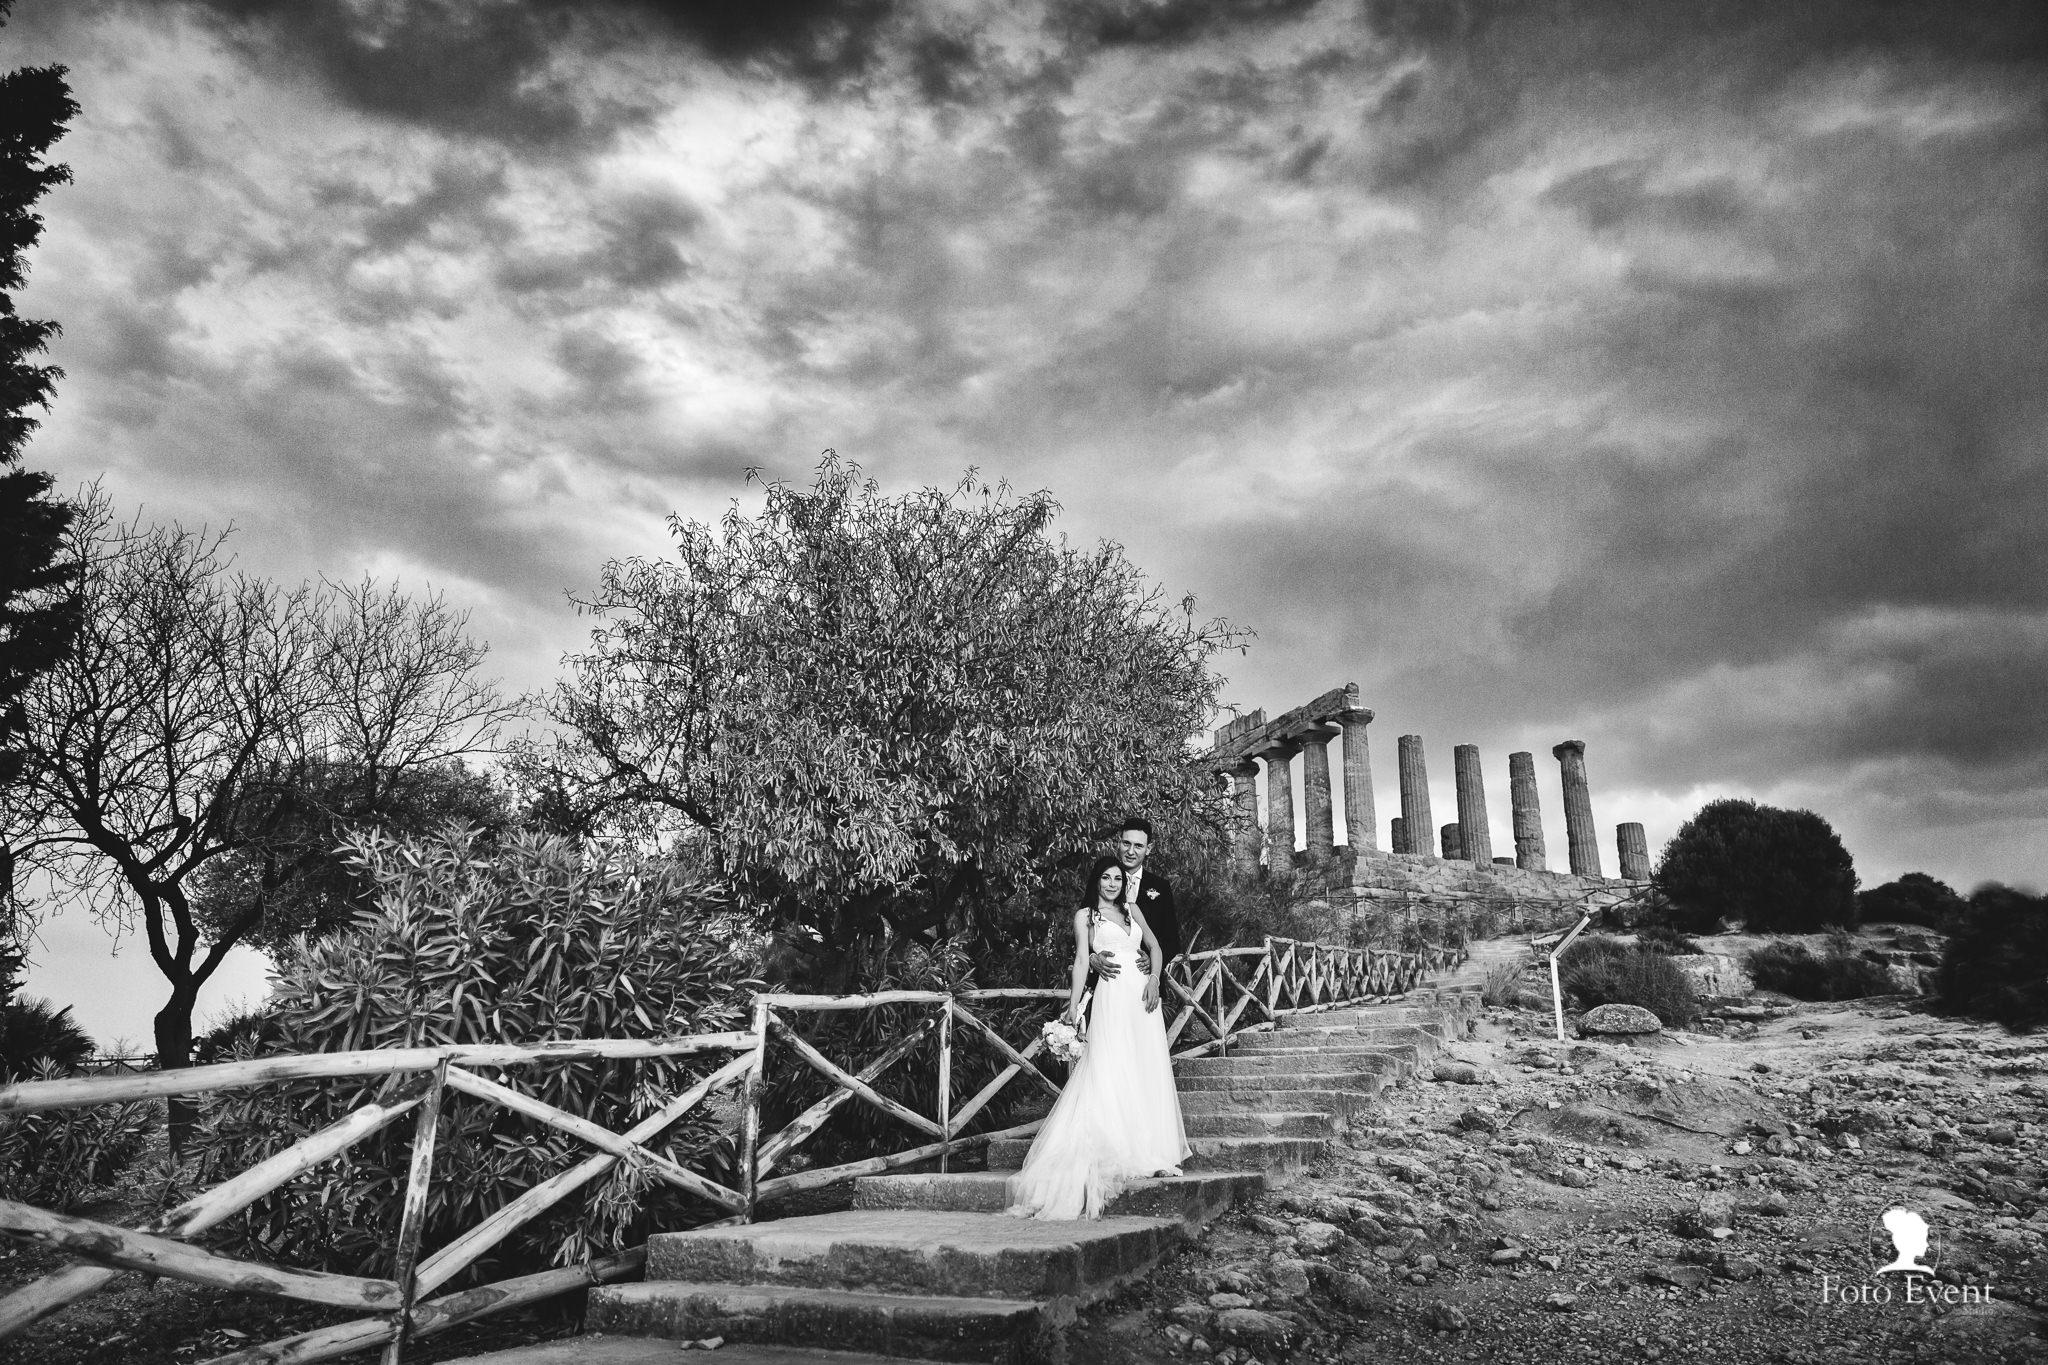 036-2019-08-23-Matrimonio-Lucia-e-Rosario-Scopelliti-5DE-1793a